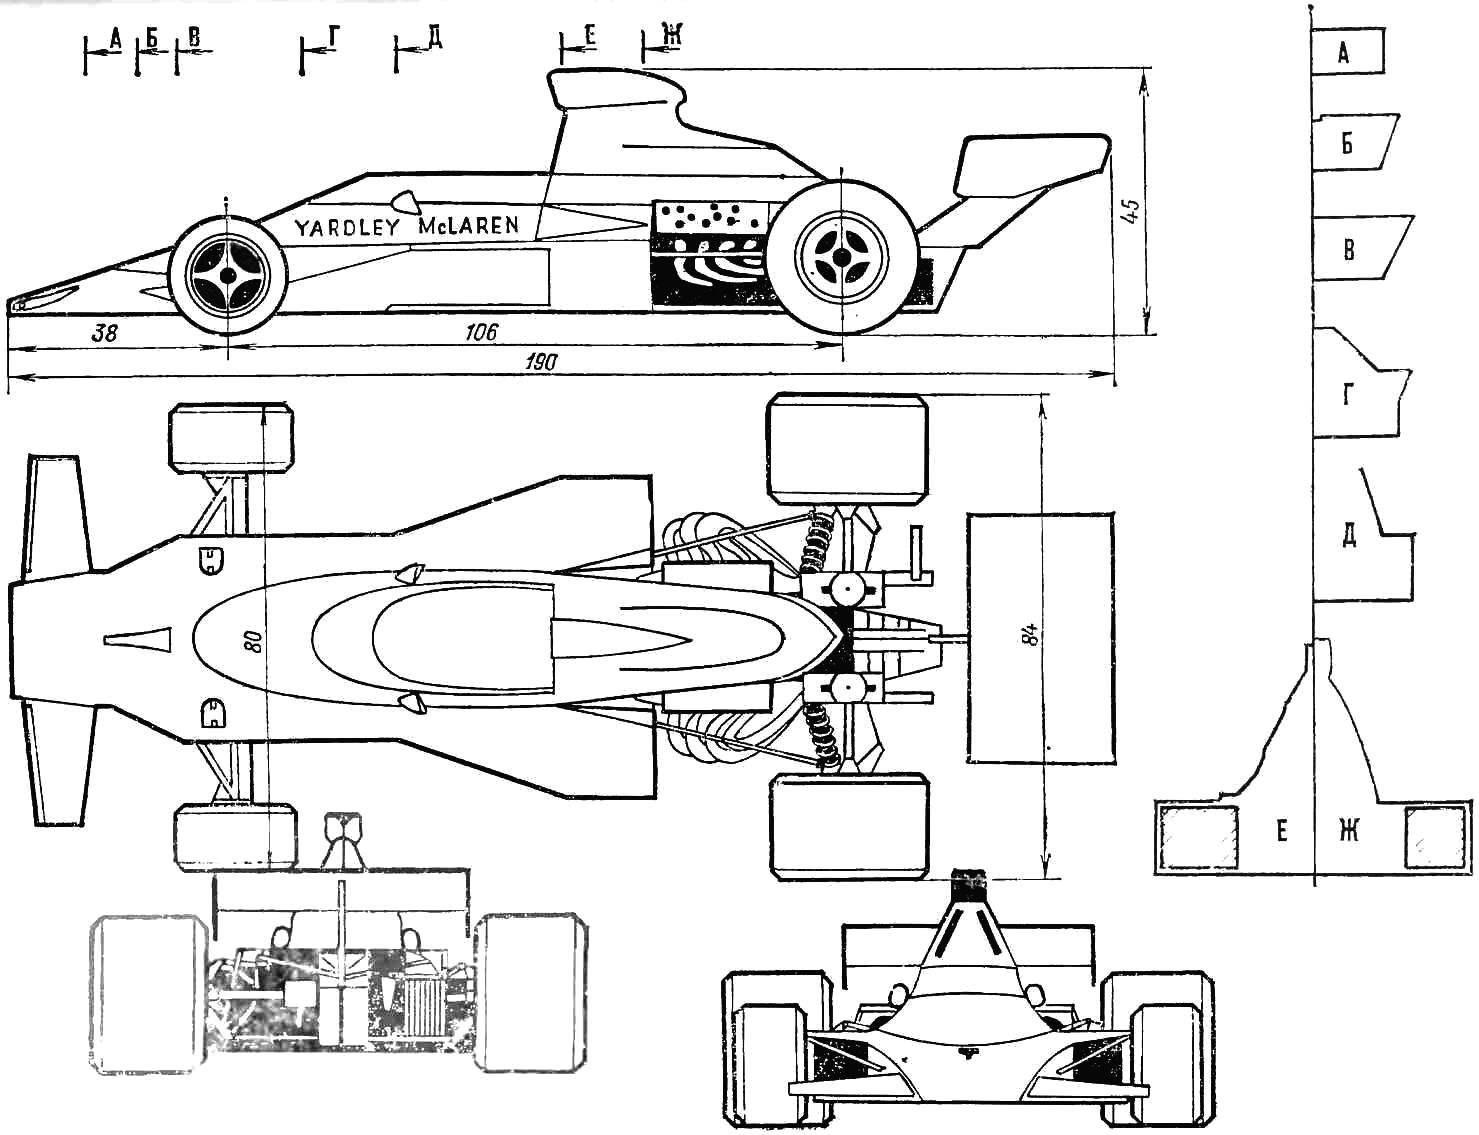 Рис. 1. Внешний вид и сечения кузова модели гоночного автомобиля «Мак-Ларен».